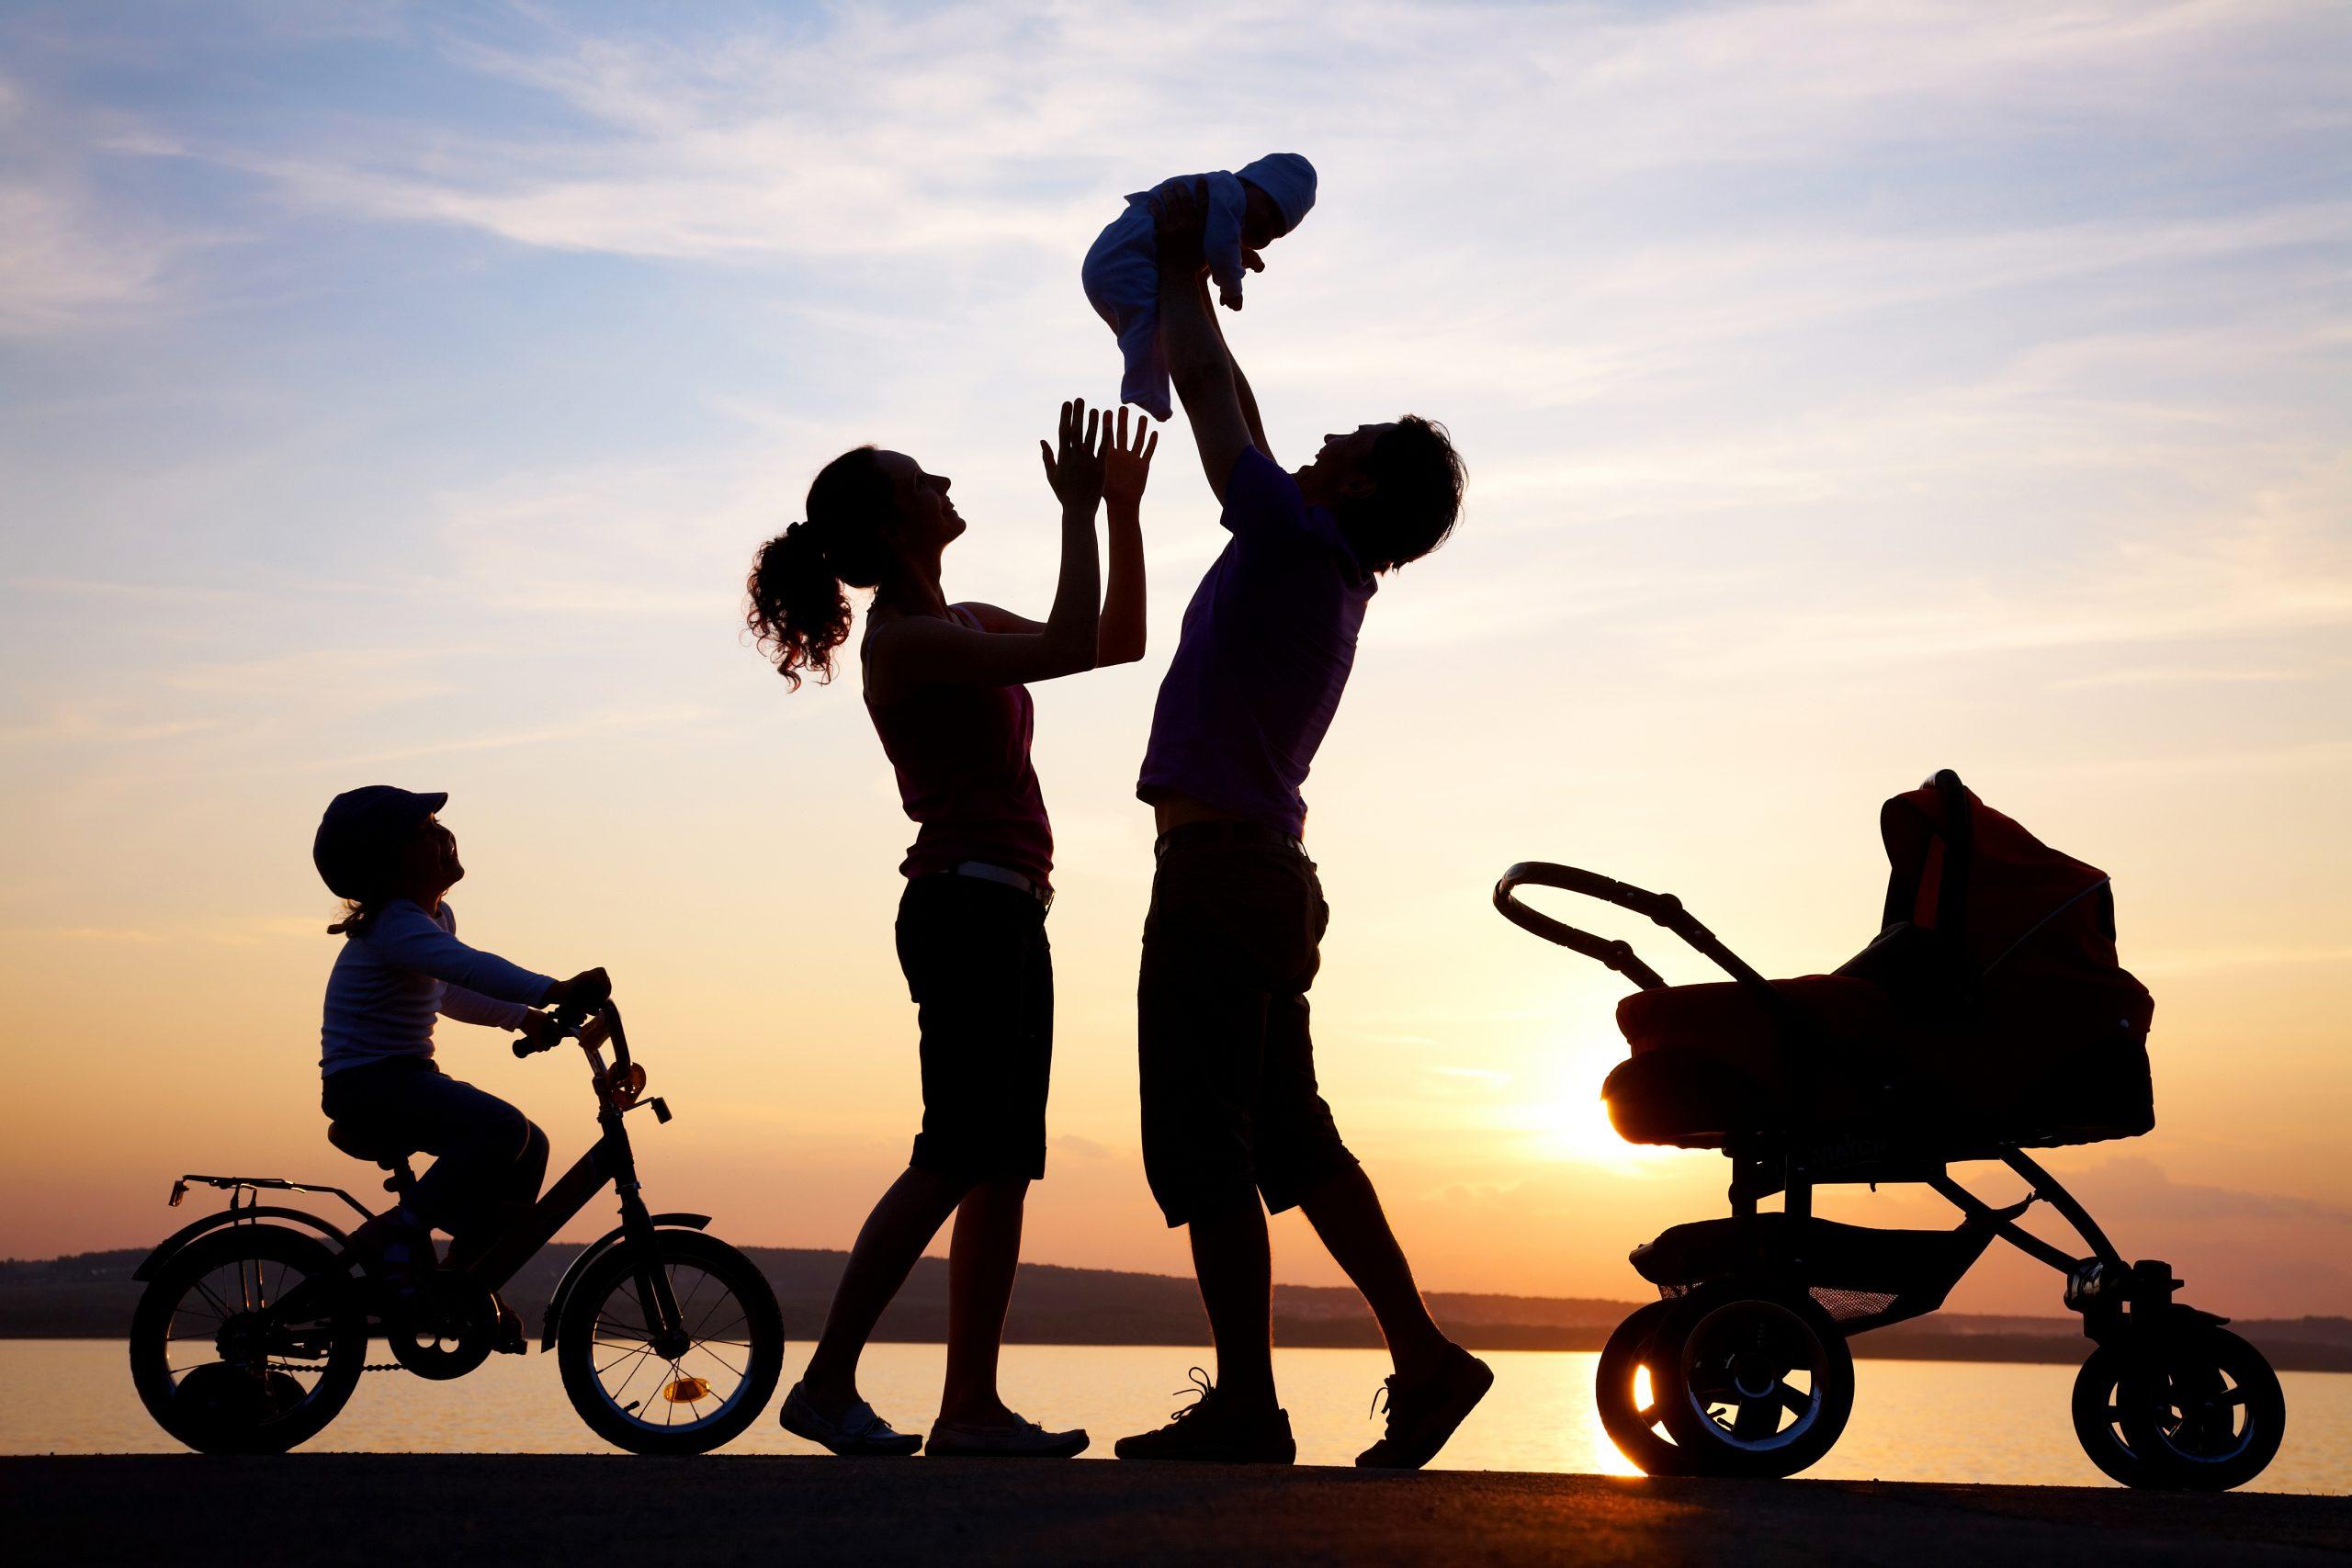 Vaspitanje dece – koji je Vaš vaspitni stil  ?